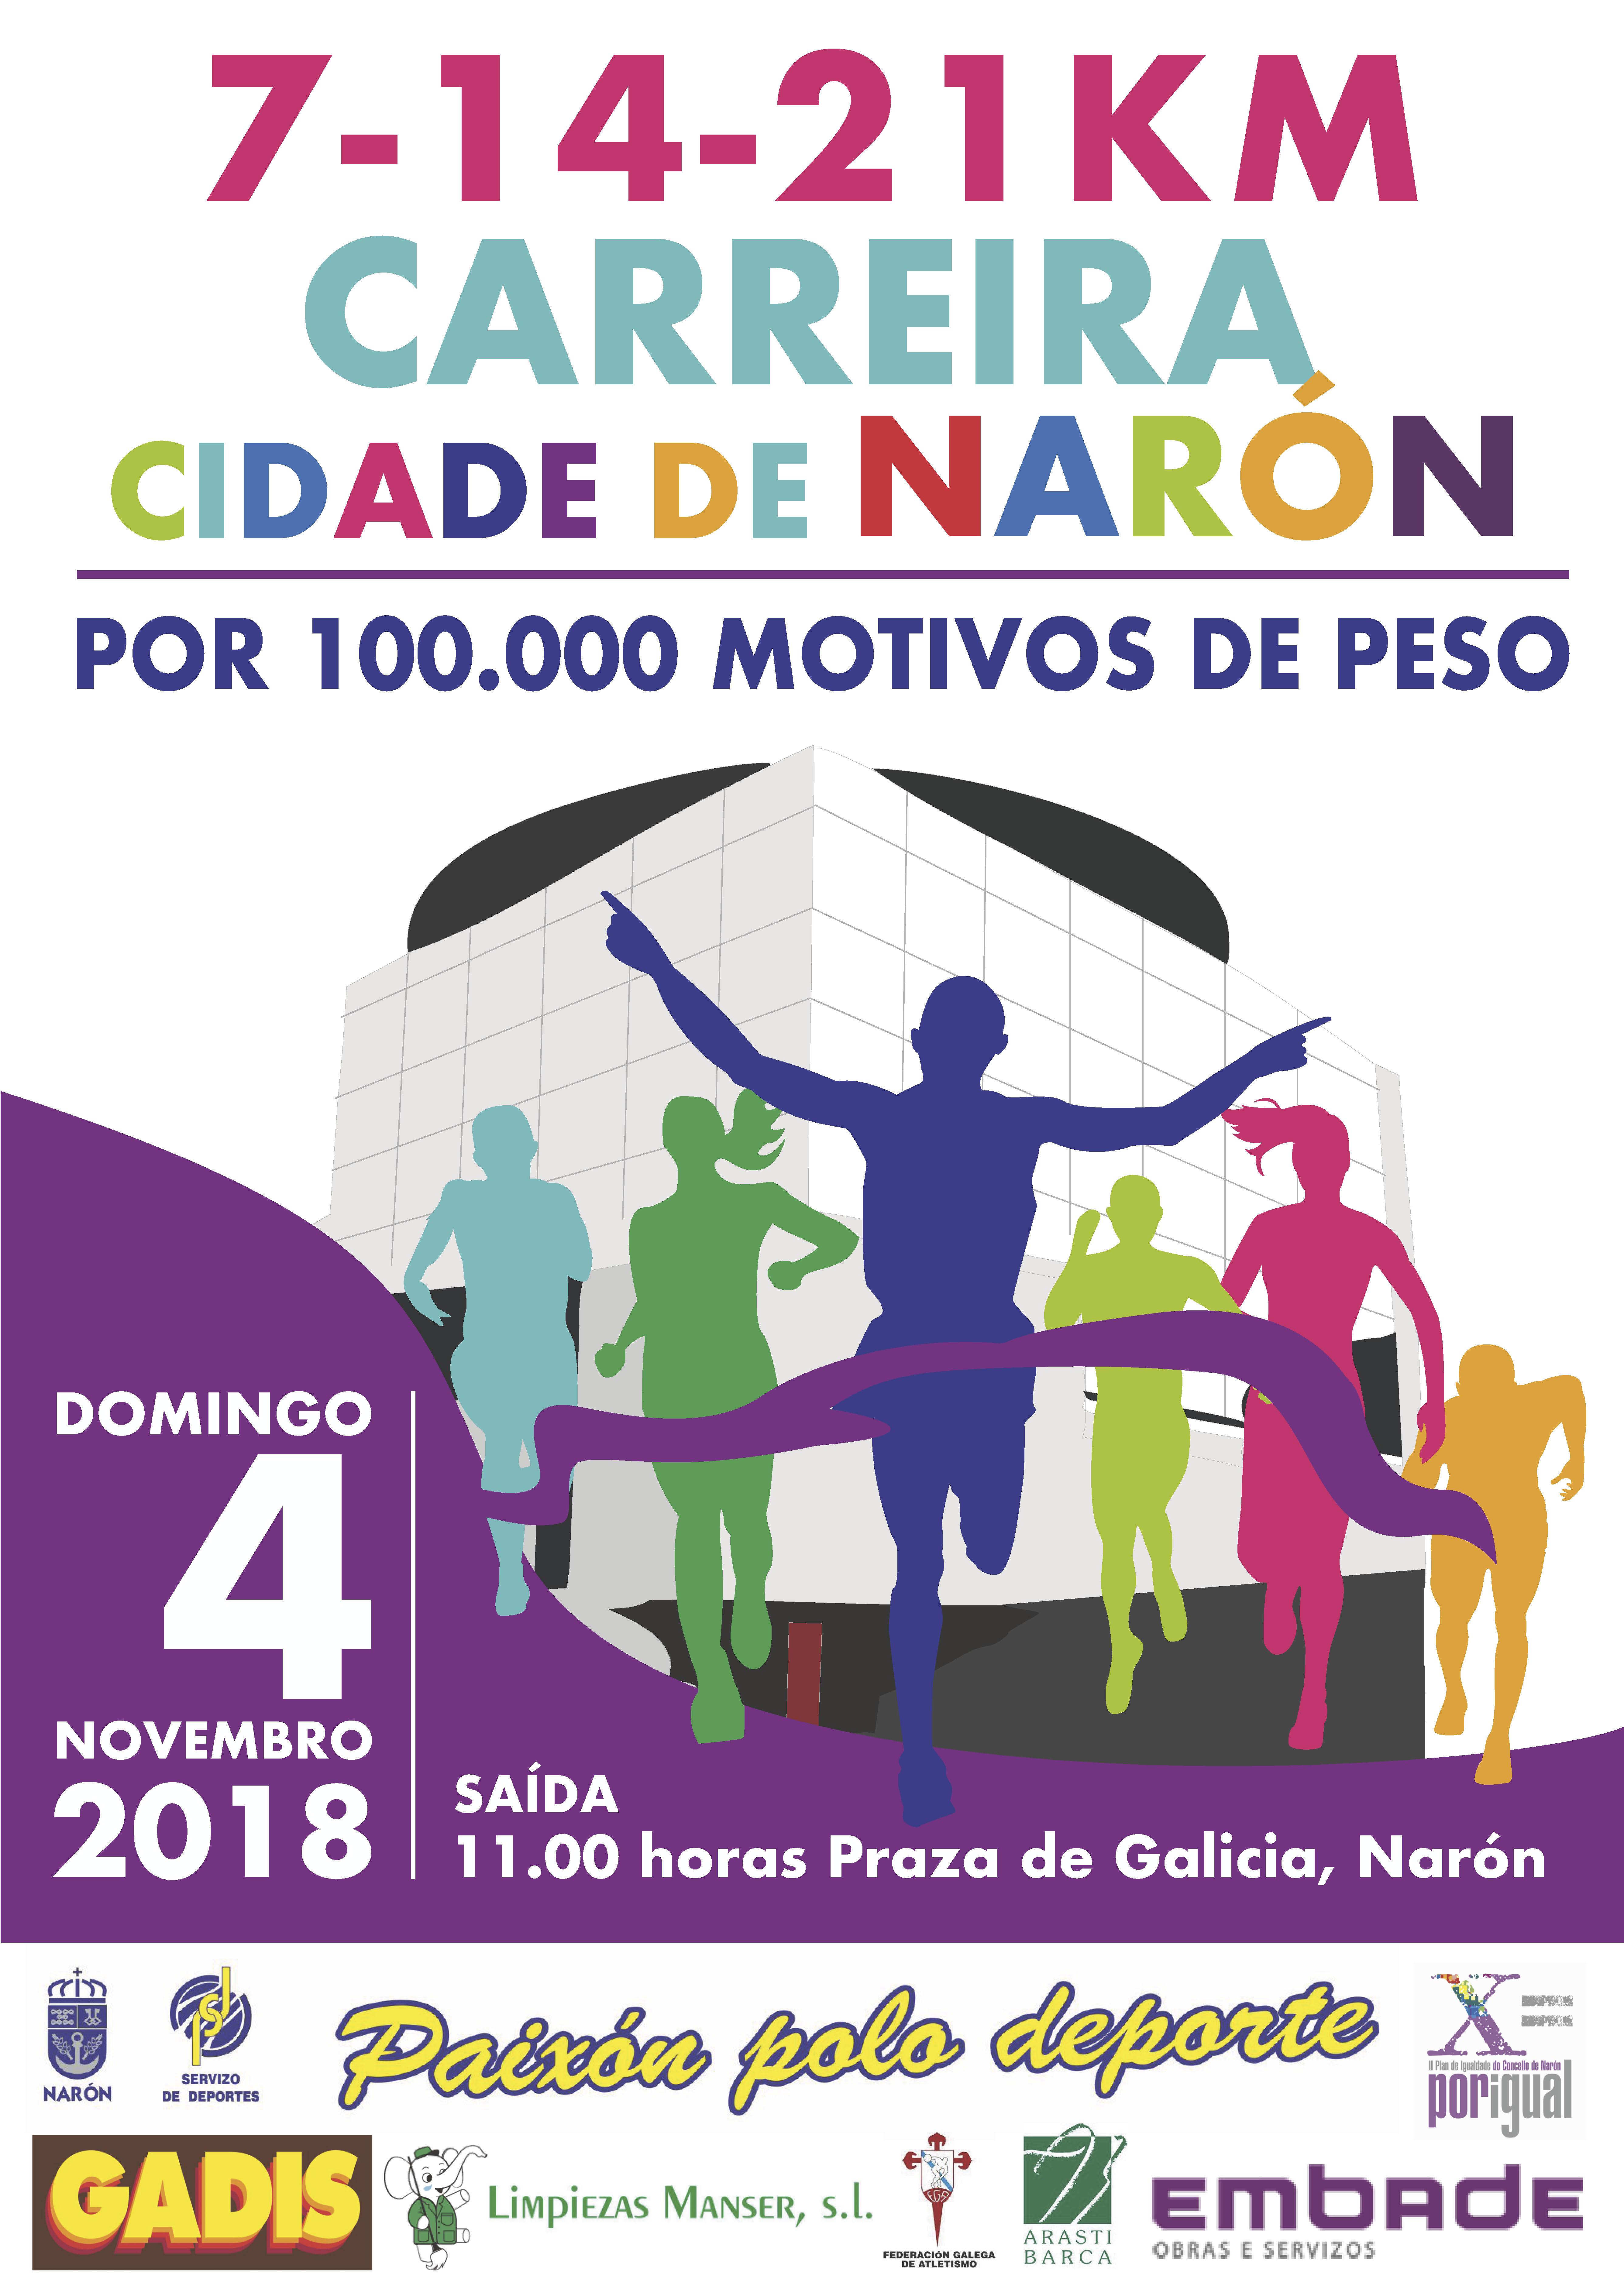 Carreira Cidade de Narón 7 – 14 – 21 Km.